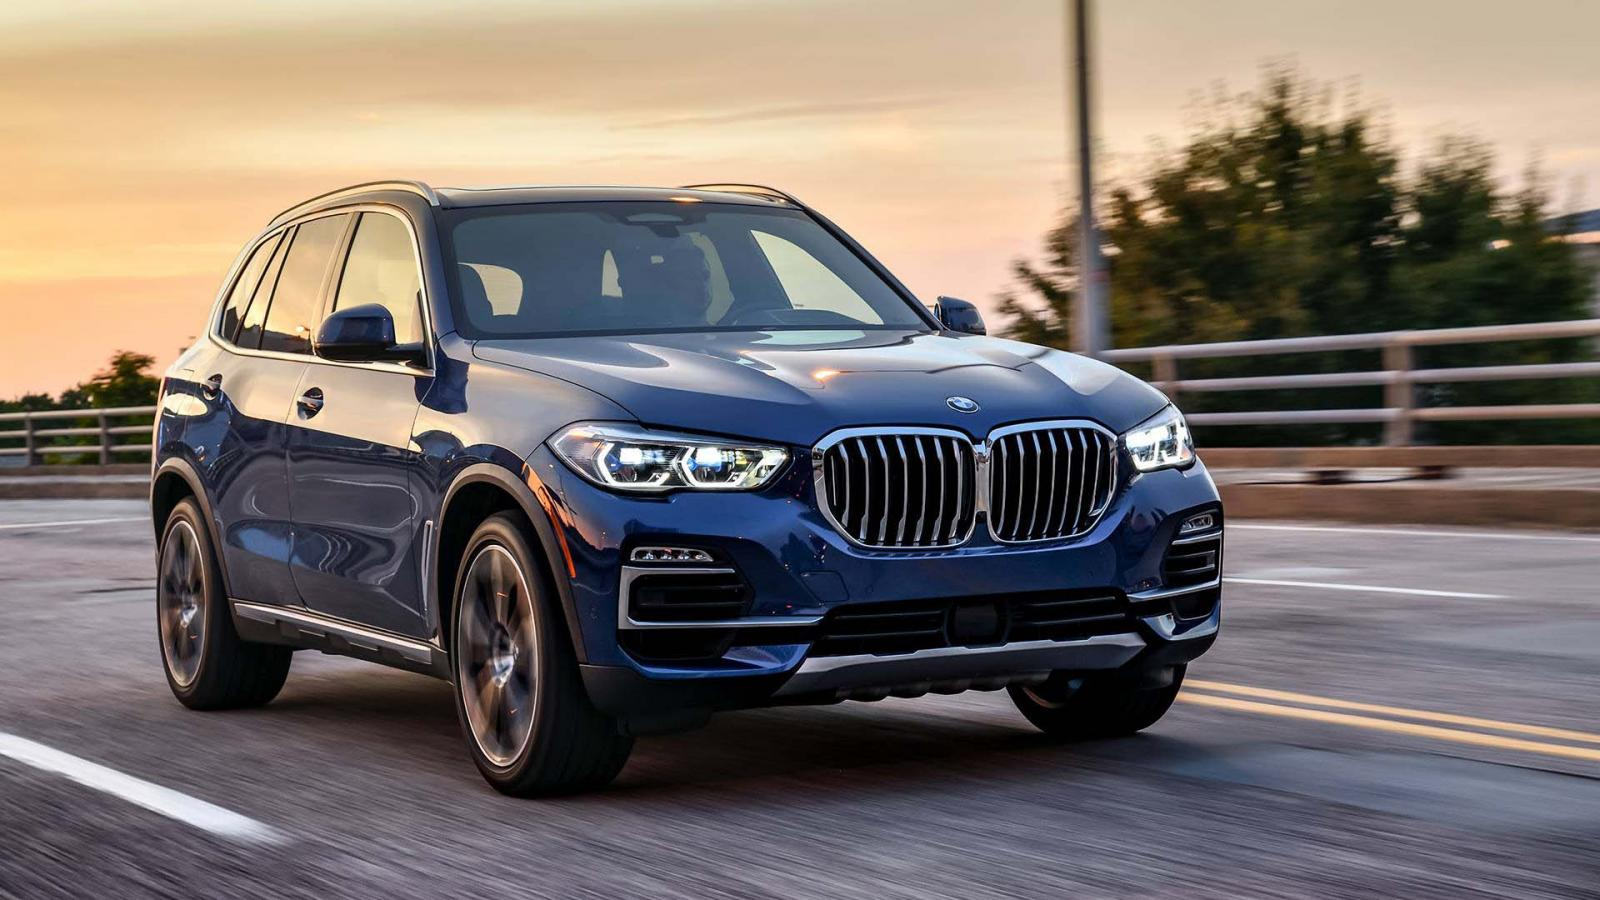 La BMW X5 es una SUV considerada como poderosa y elegante